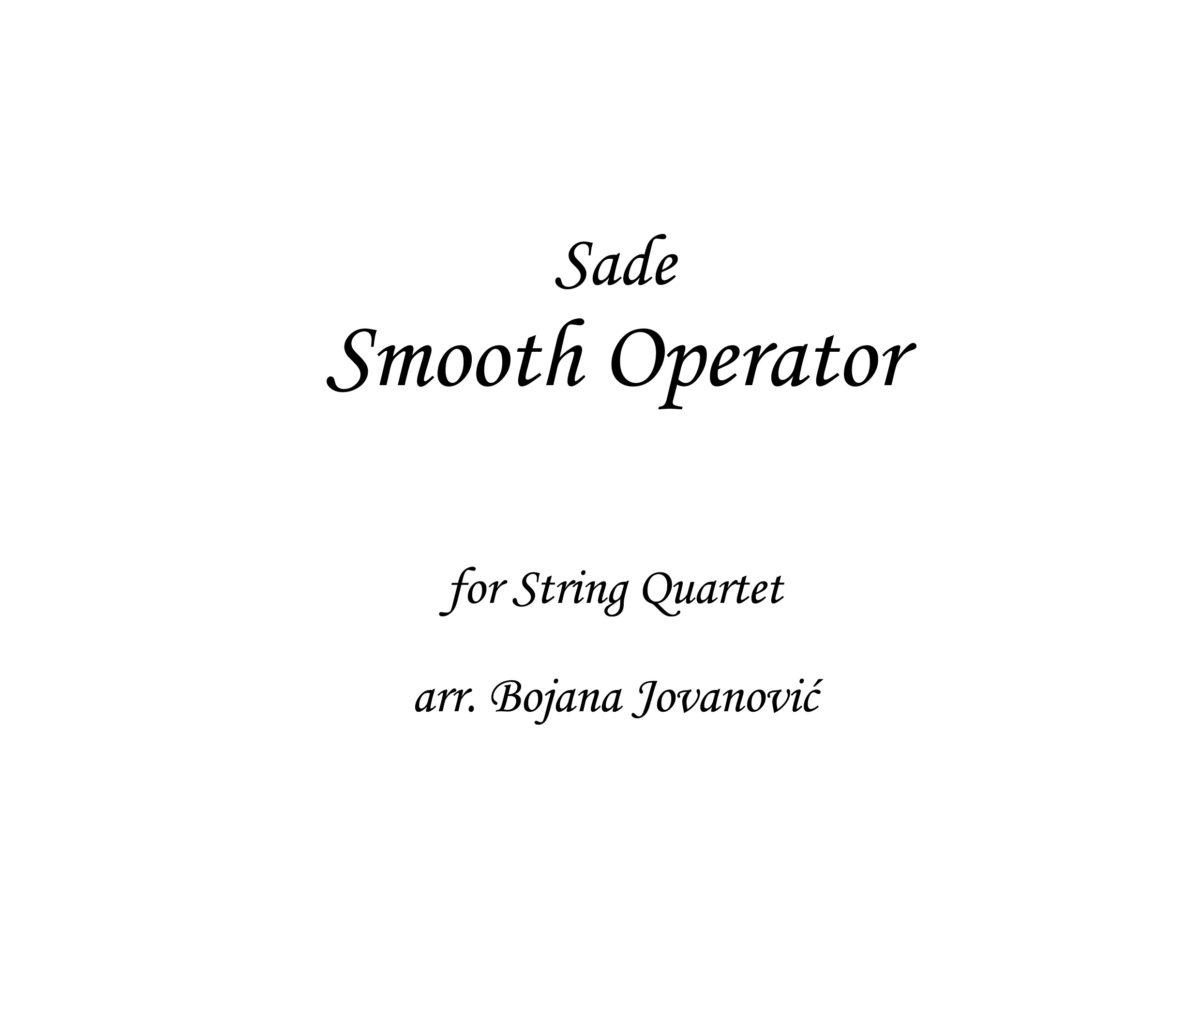 Smooth Operator Sade Sheet music